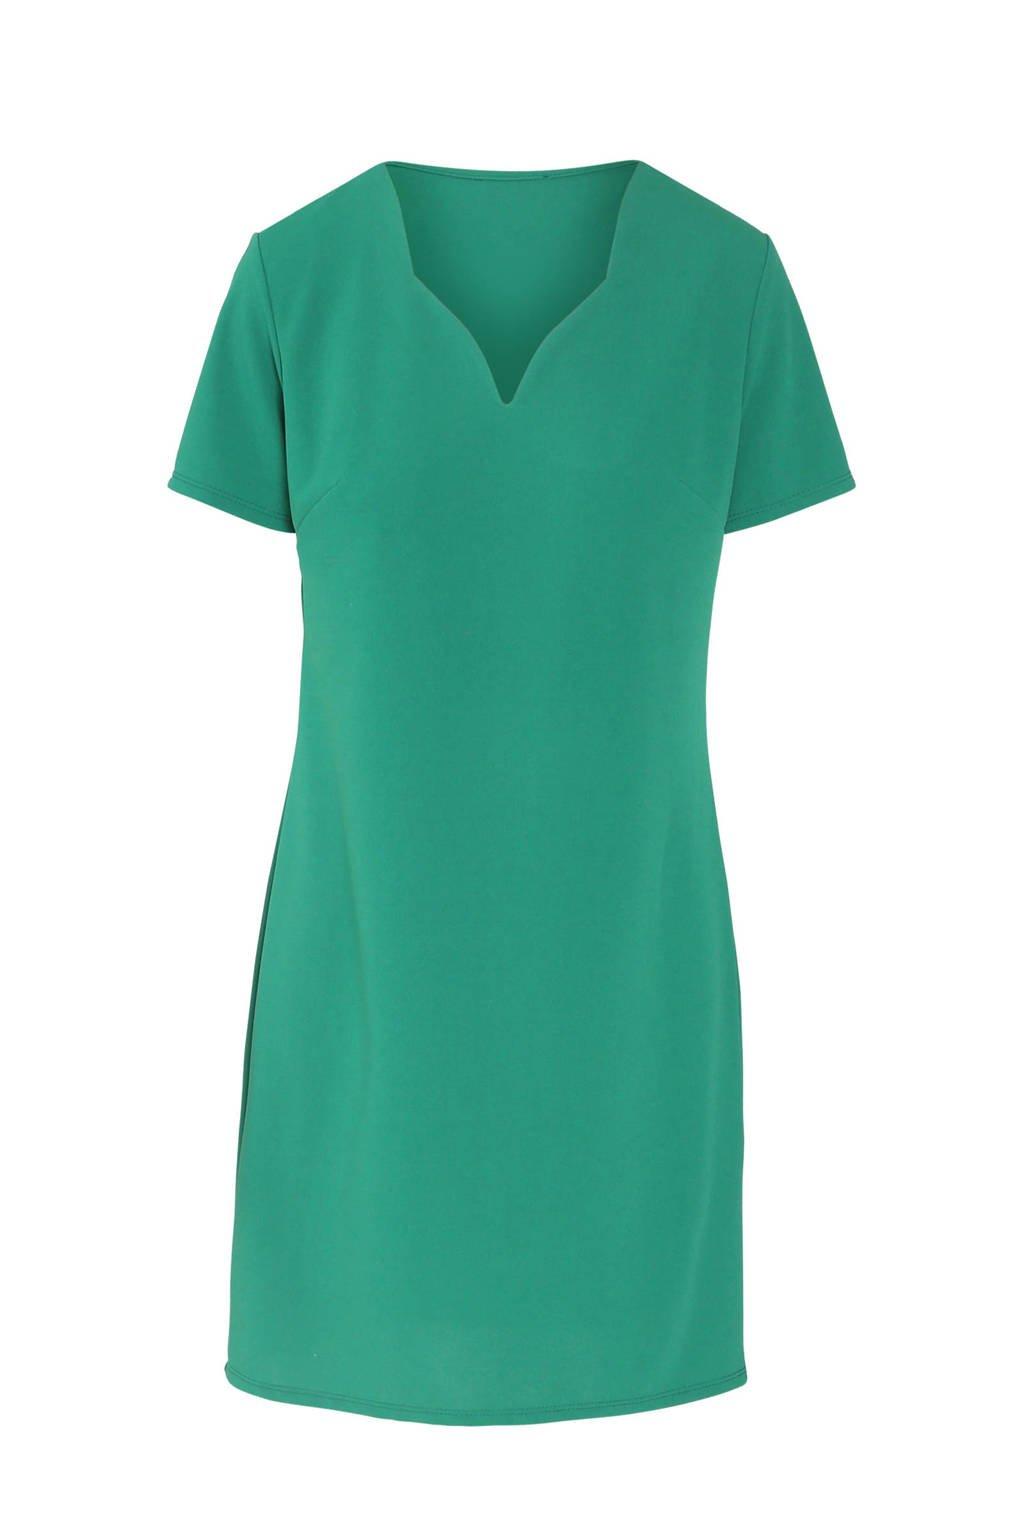 Cassis jurk groen, Groen